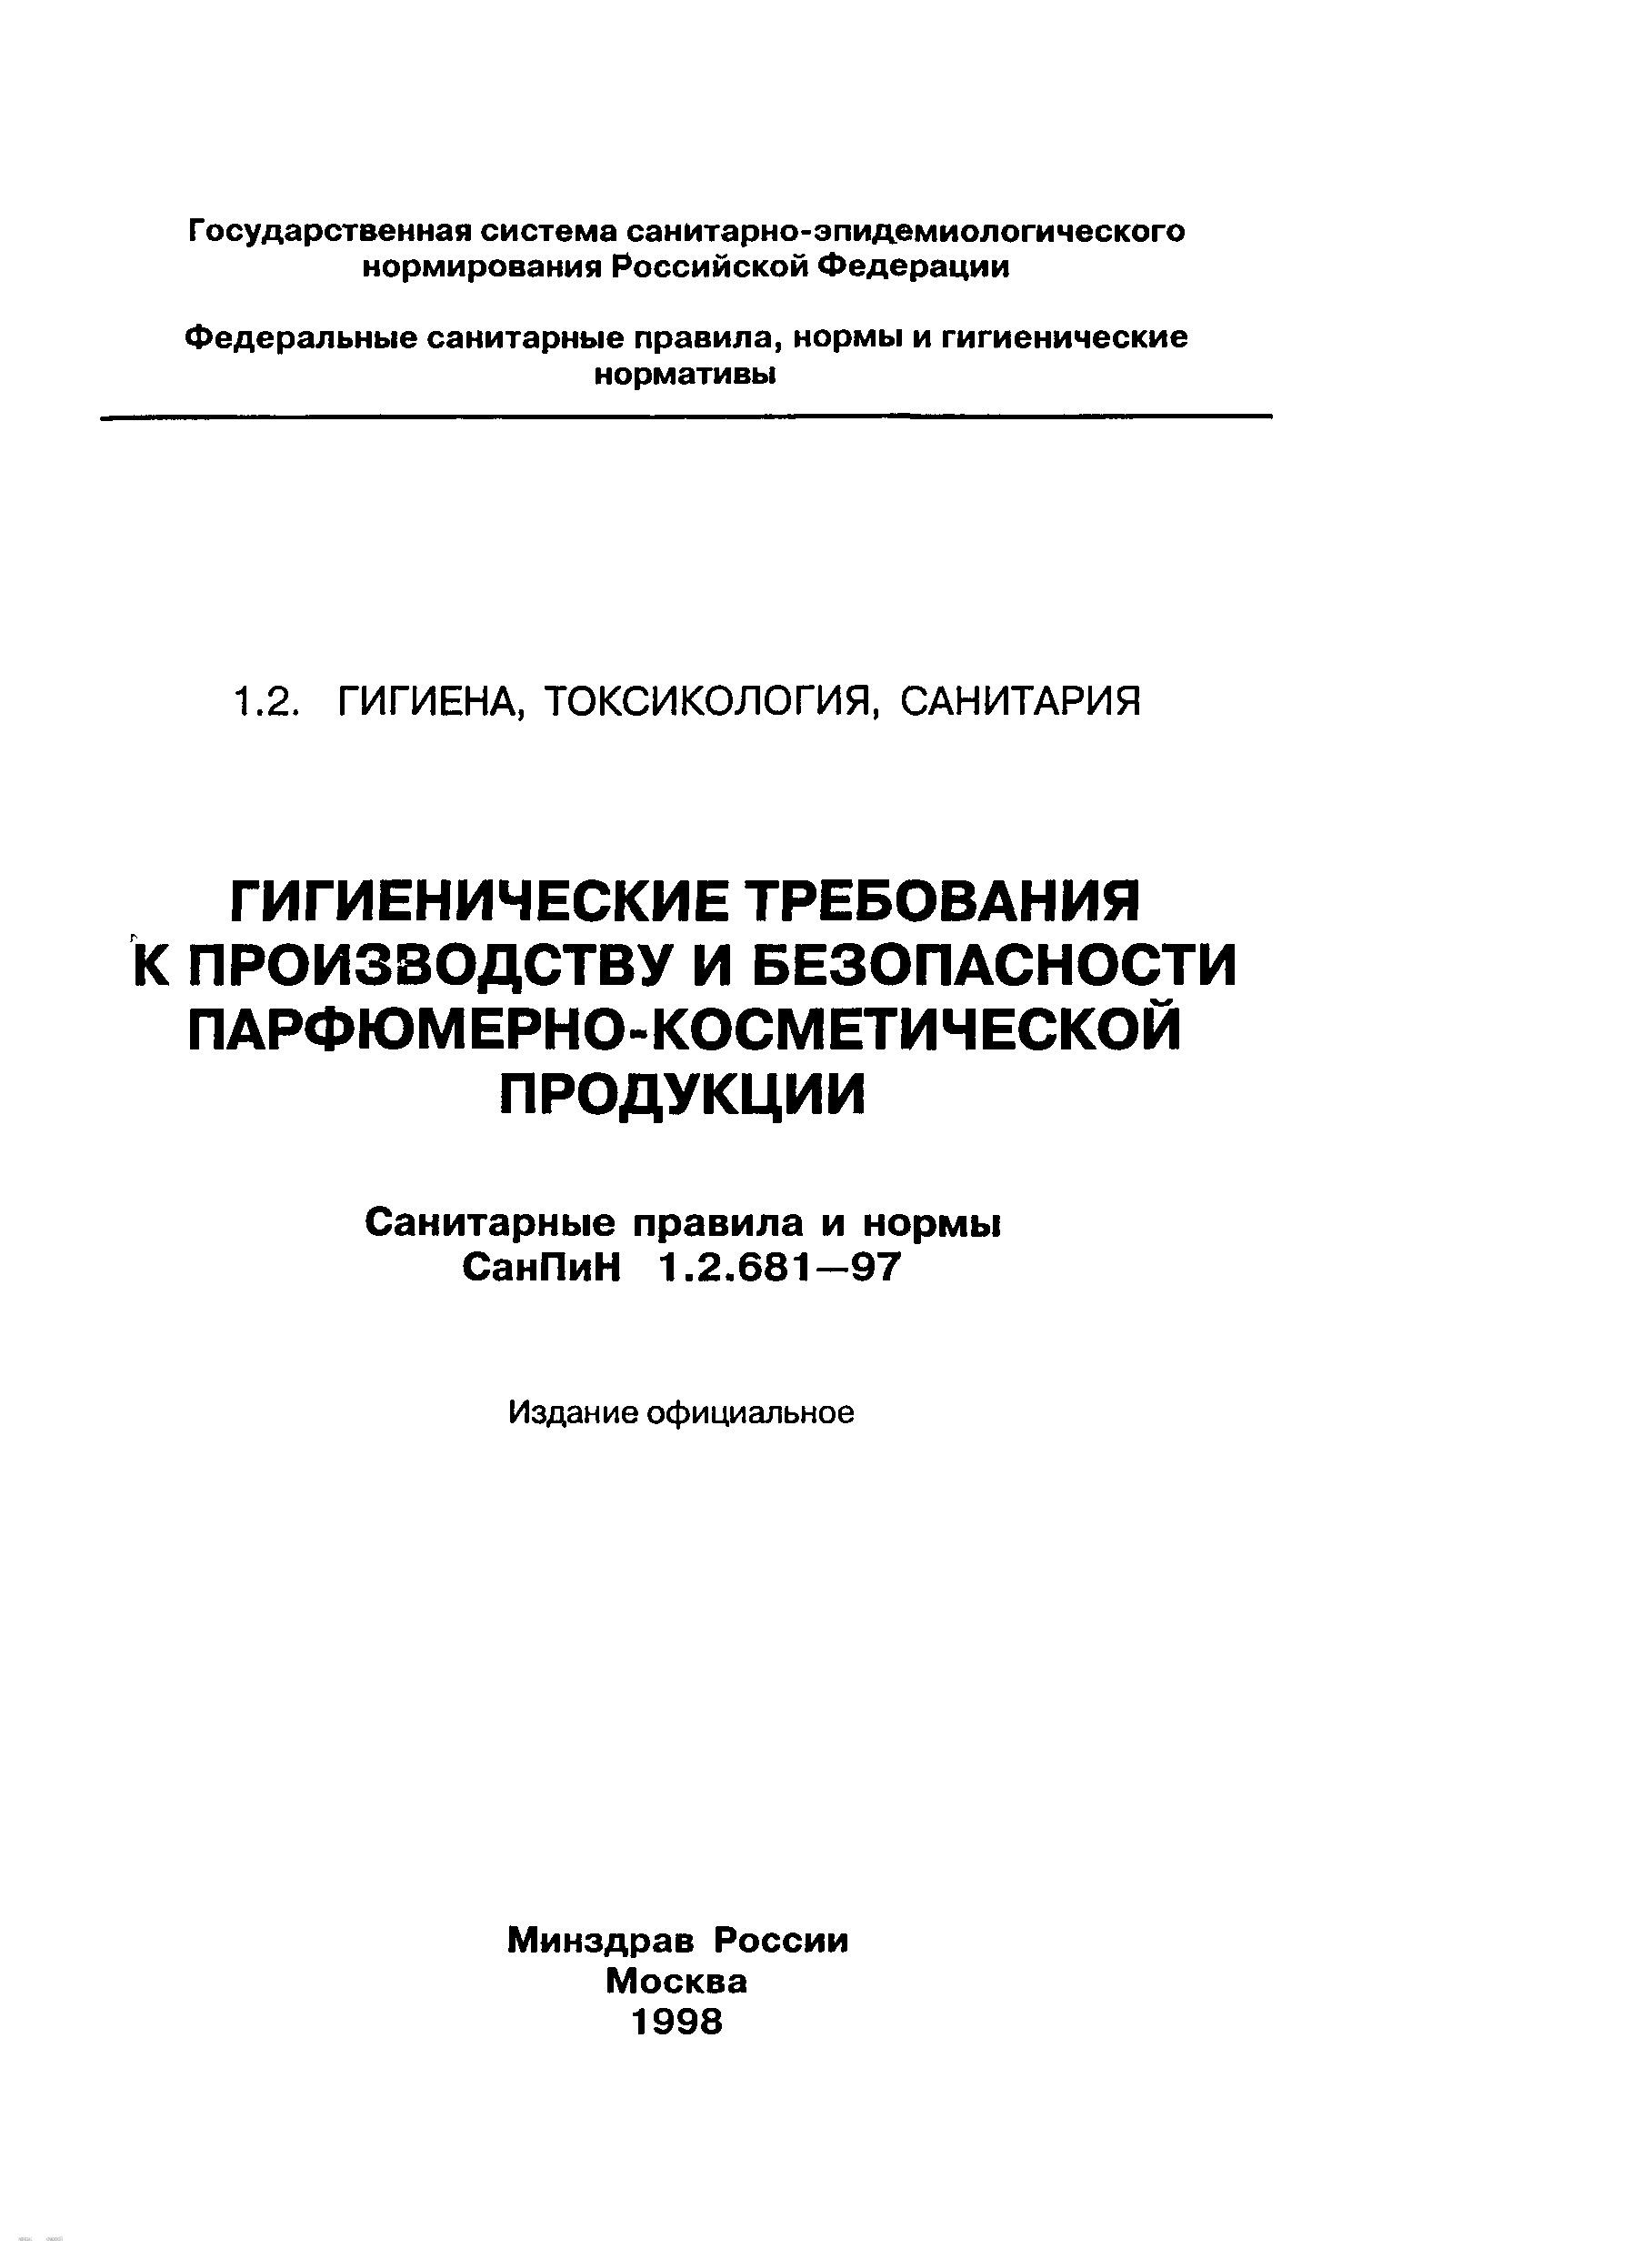 СанПиН 1.2.681-97 Гигиенические требования к производству и безопасности парфюмерно-косметической продукции